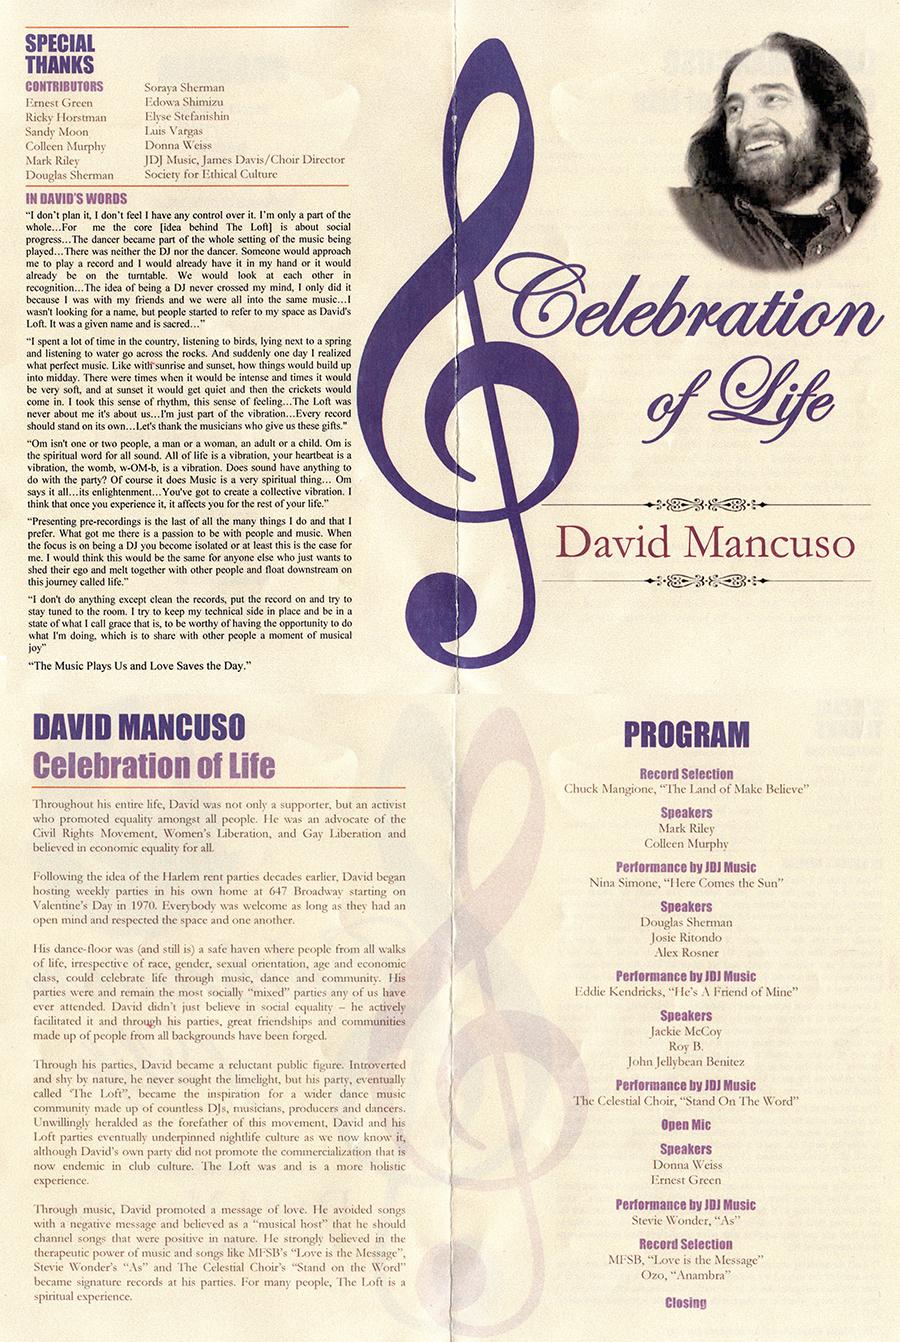 David-Mancuso